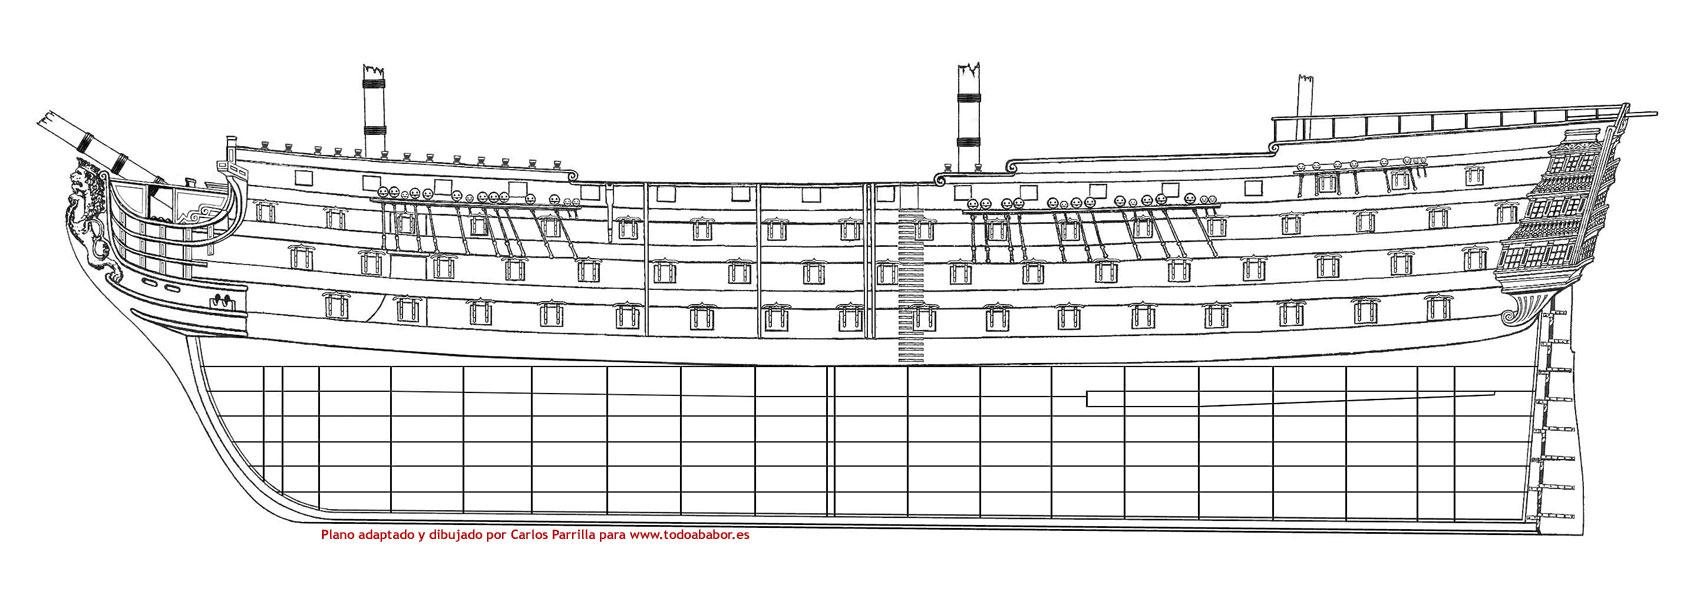 Plano de líneas del navío Santísima Trinidad